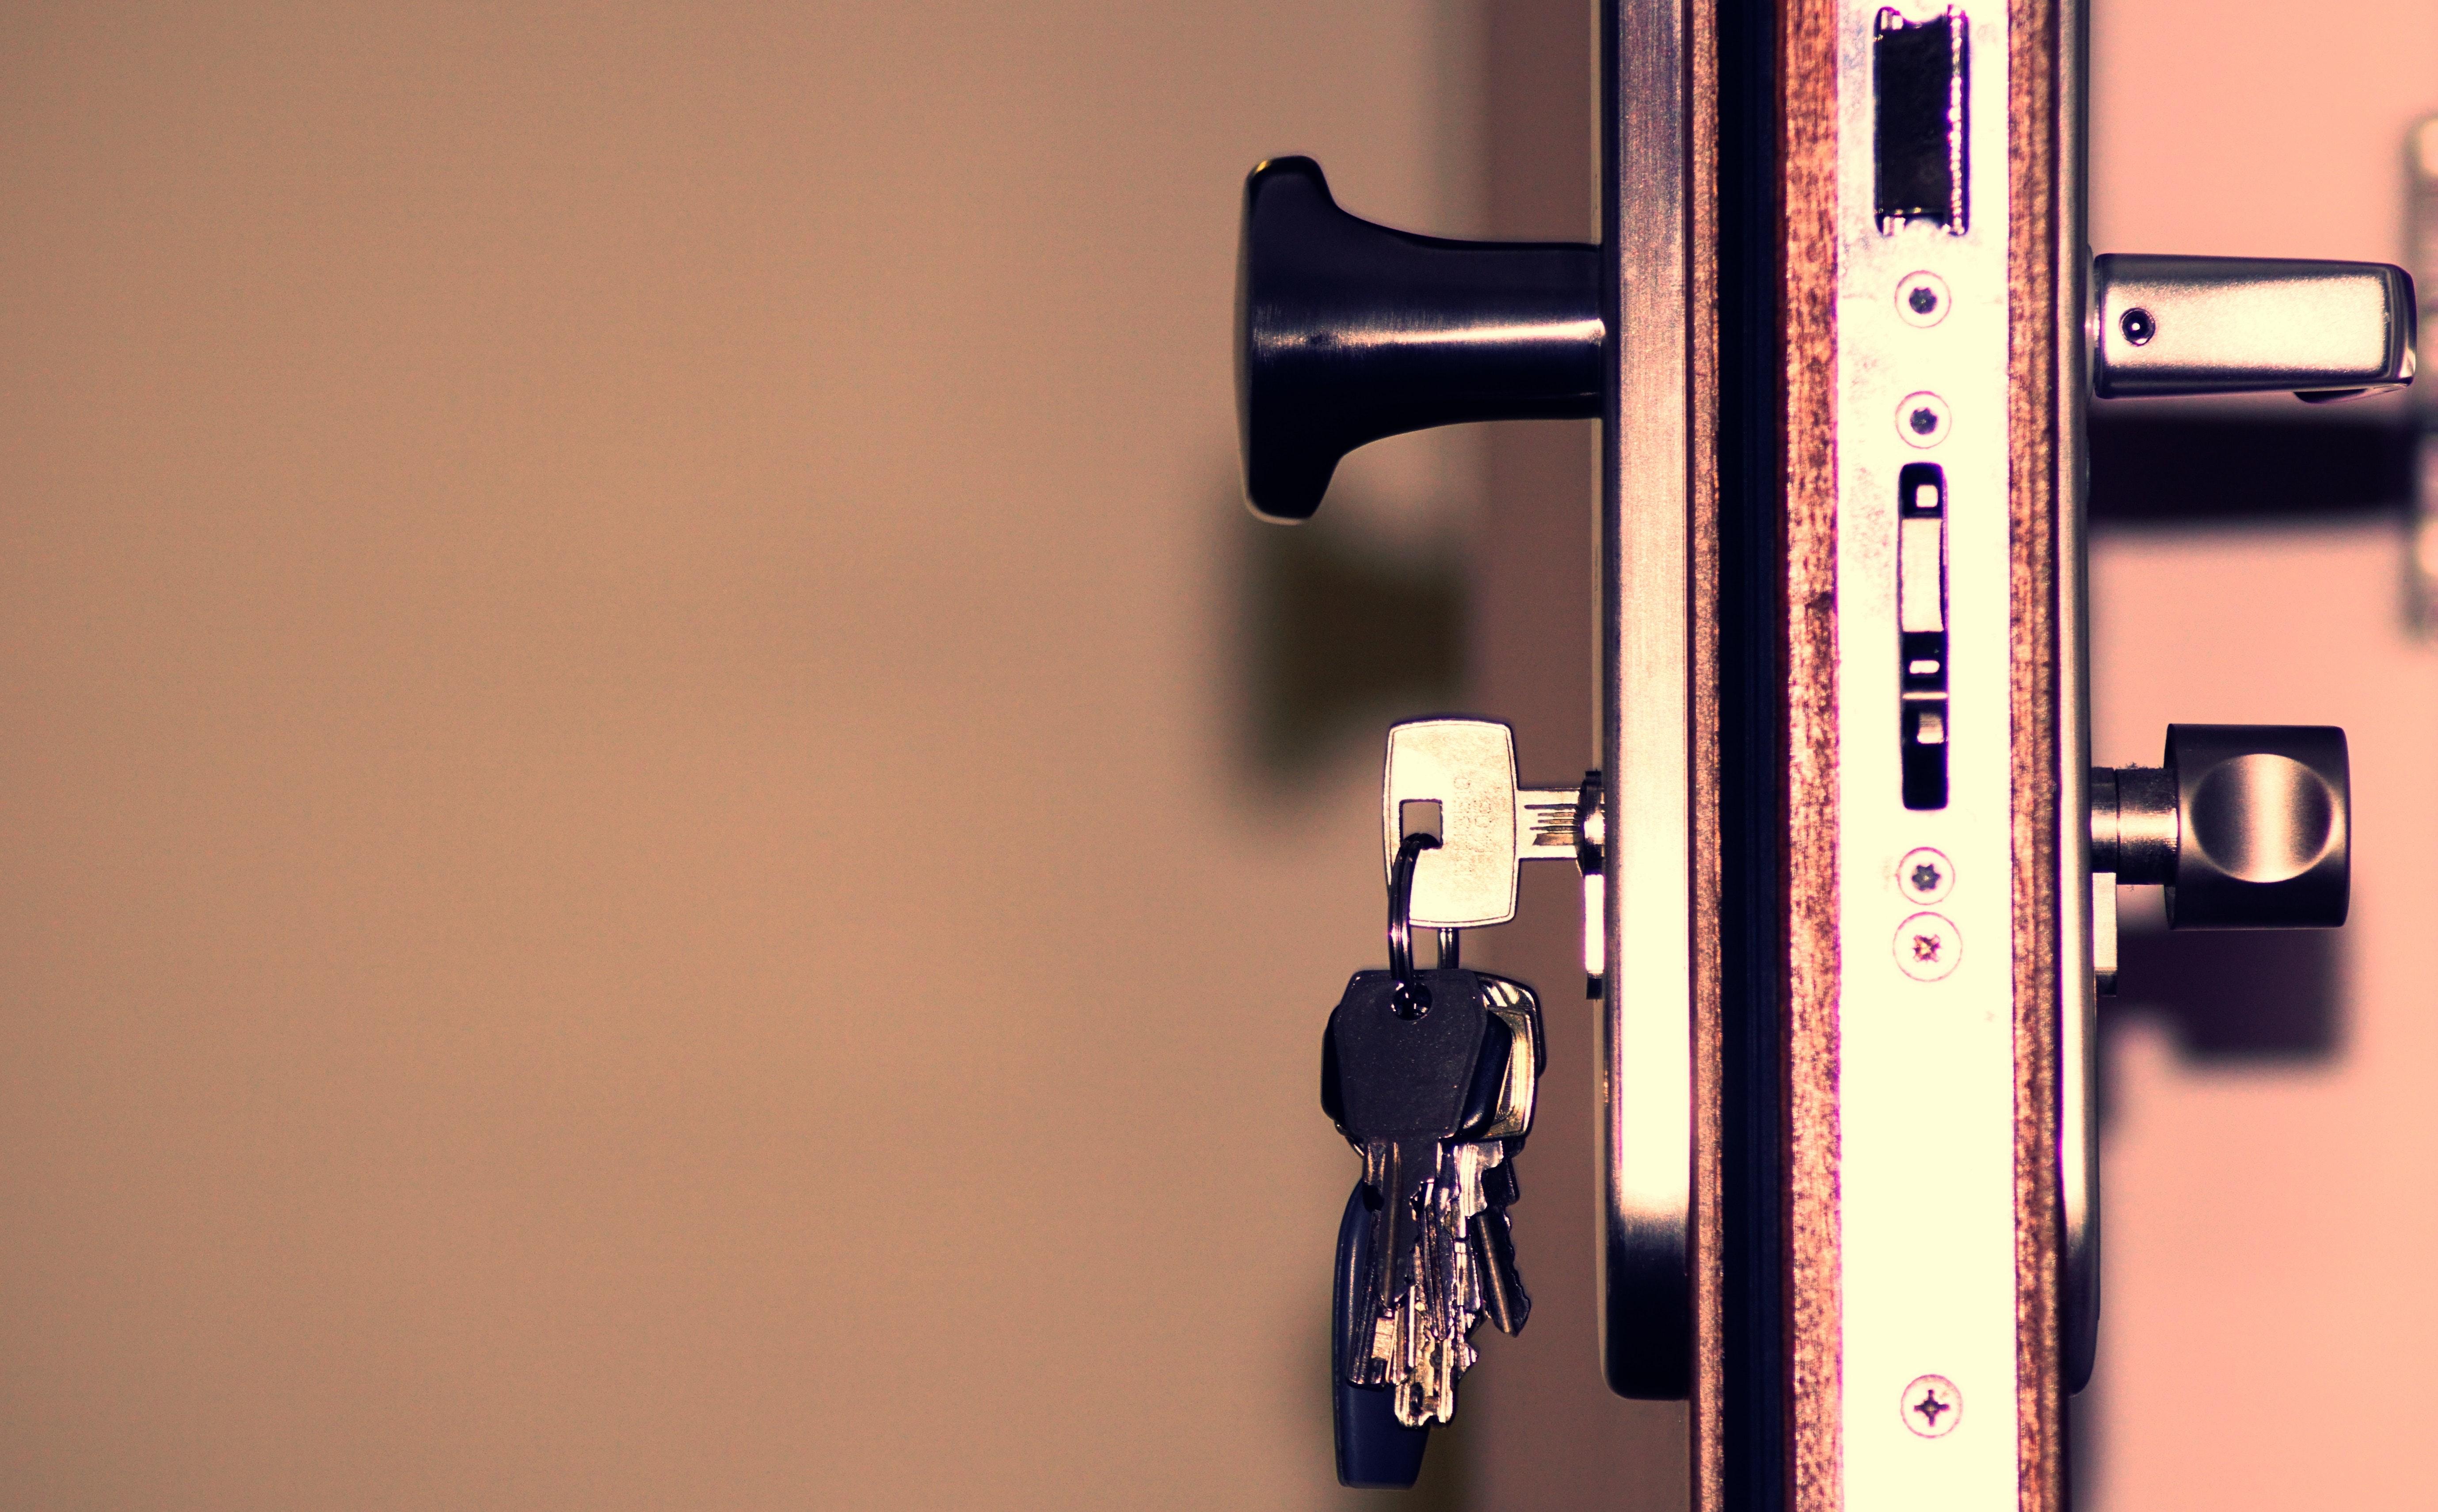 Zylindertausch und Elektronische Schließanlagen